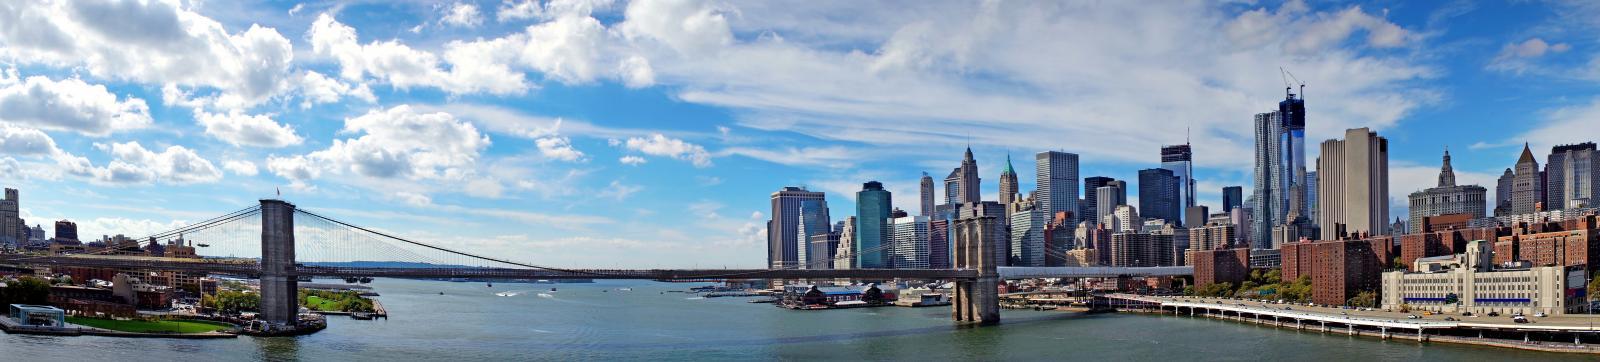 Brooklyn-Bridge-NYC-160914155540008